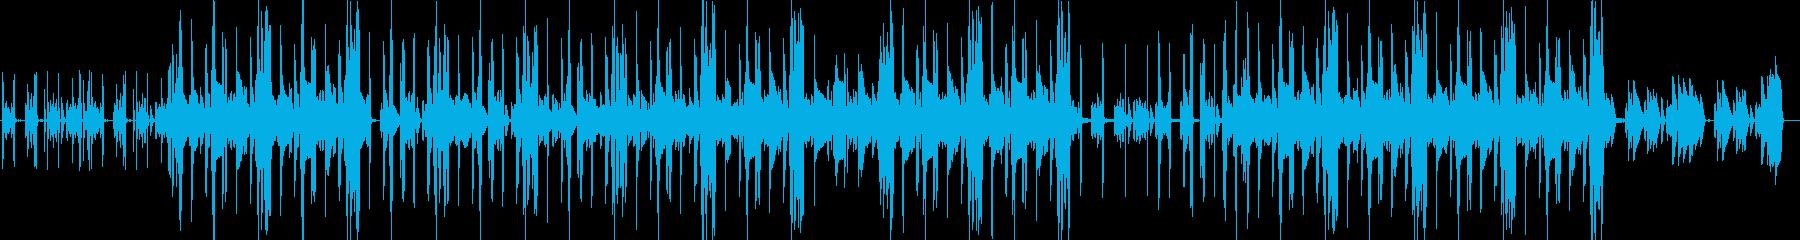 カフェで作業中に聞きたくなるBGMの再生済みの波形